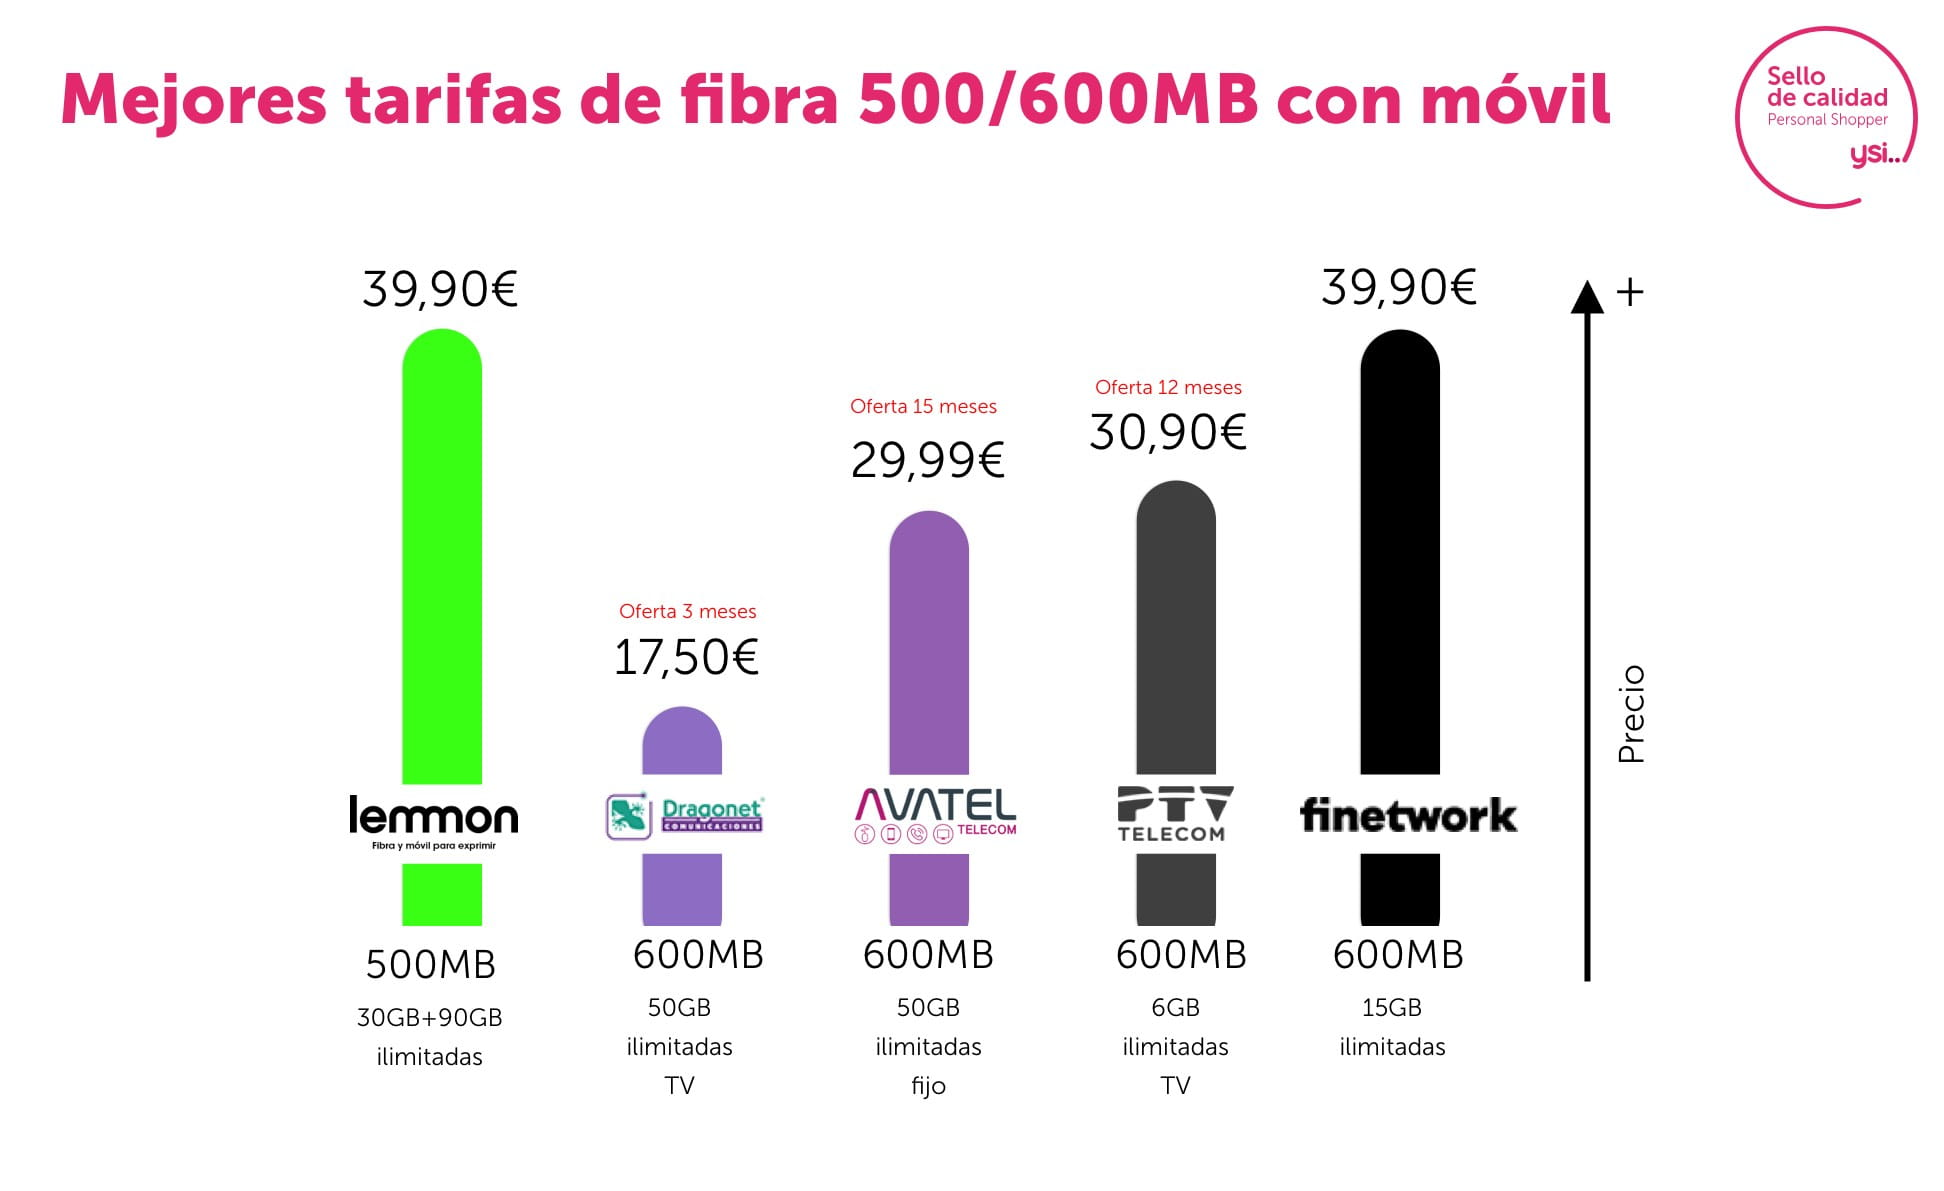 Mejores tarifas fibra 600 y móvil paquetes combinados abril